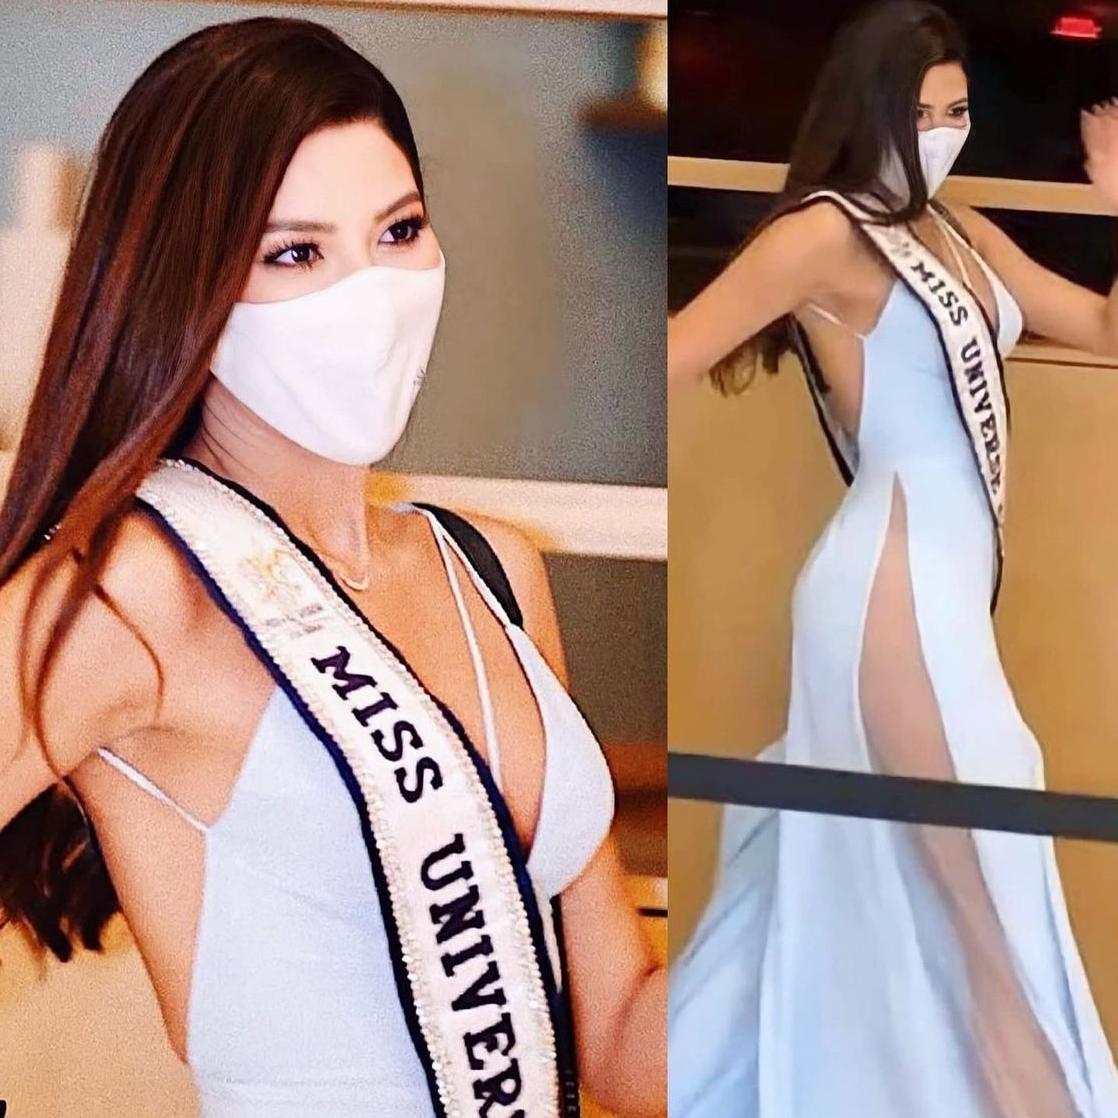 Nhiều thí sinh cũng sexy hết cỡ ở những hoạt động đầu tiên. Trong ảnh là hoa hậu Colombia được săn đón bởi khán giả và truyền thông quốc tế.